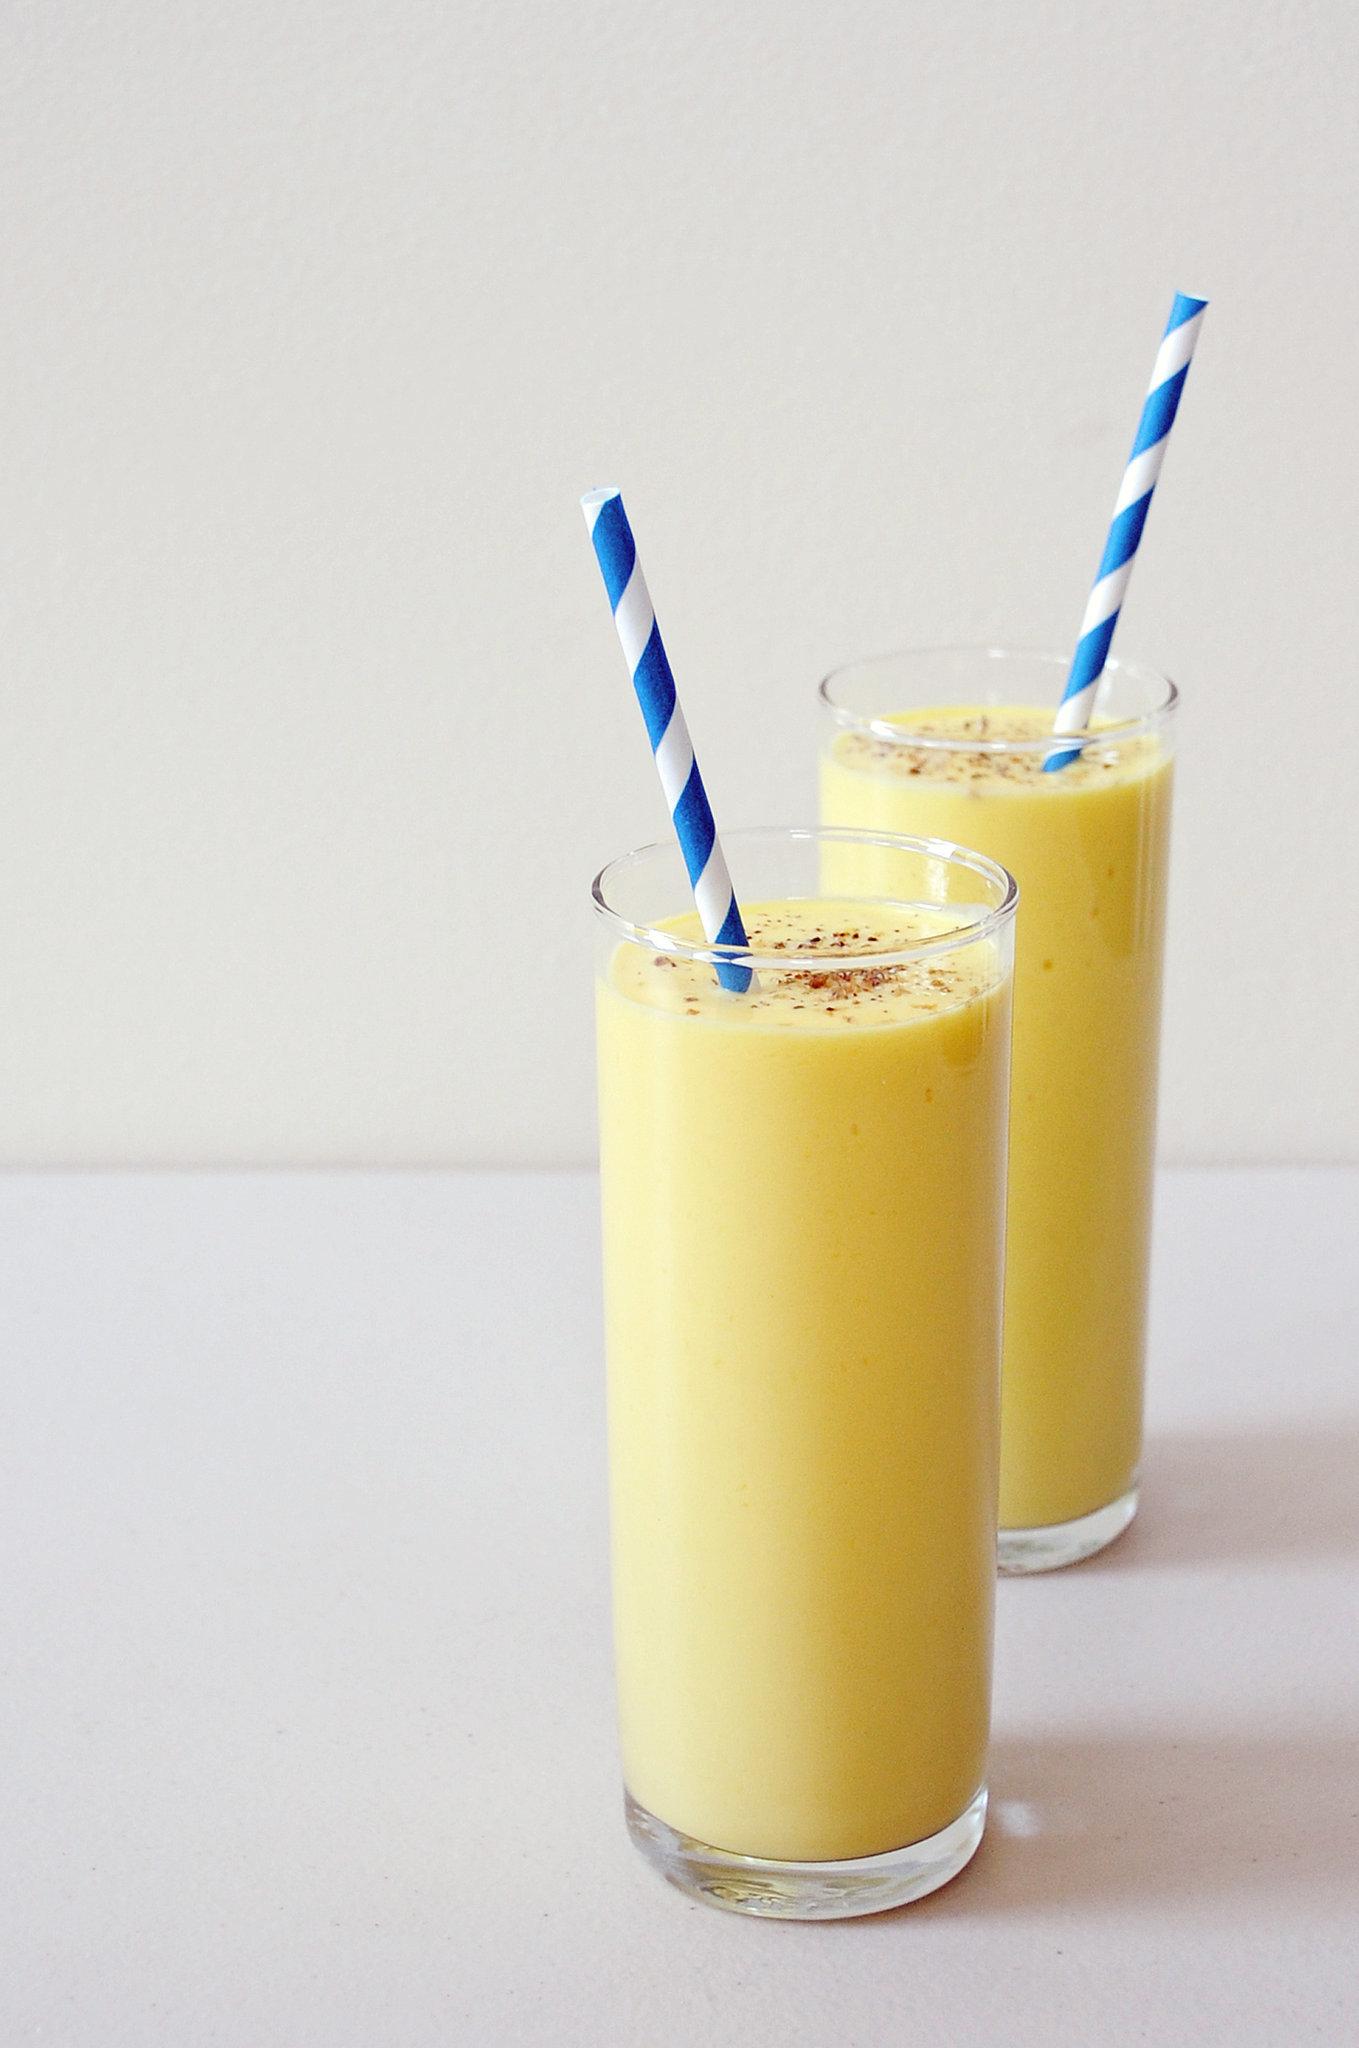 Mango-Yogurt Smoothie